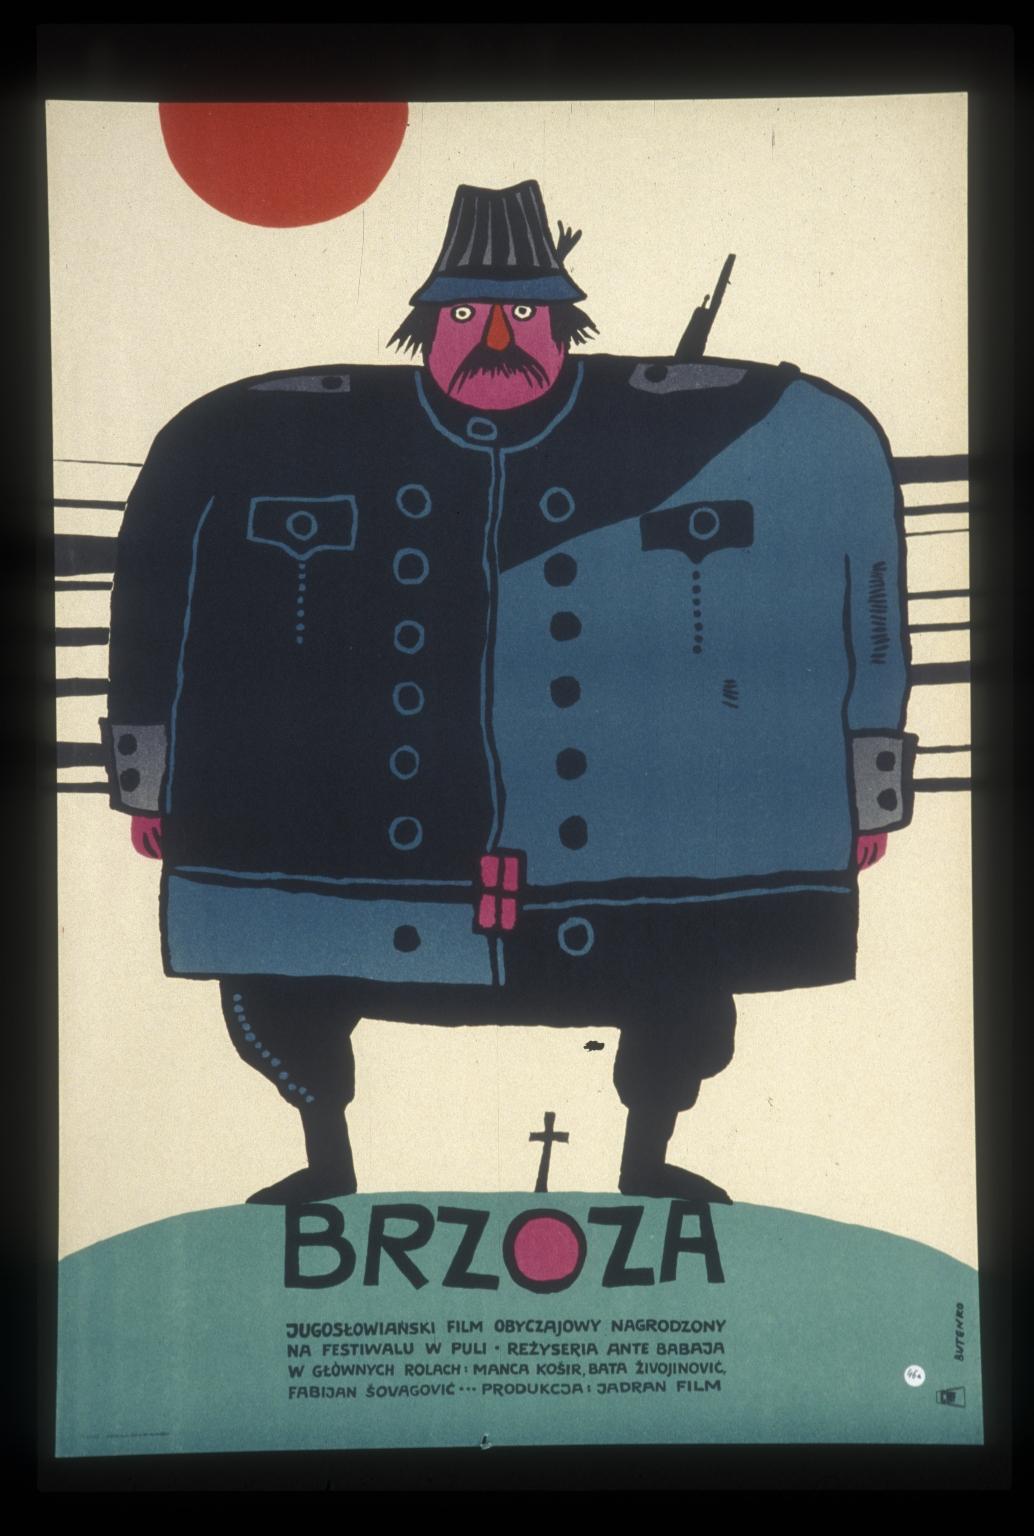 Brozoza: jugoslowianski film obyczajowy nagrodzony na festiwalu w Puli